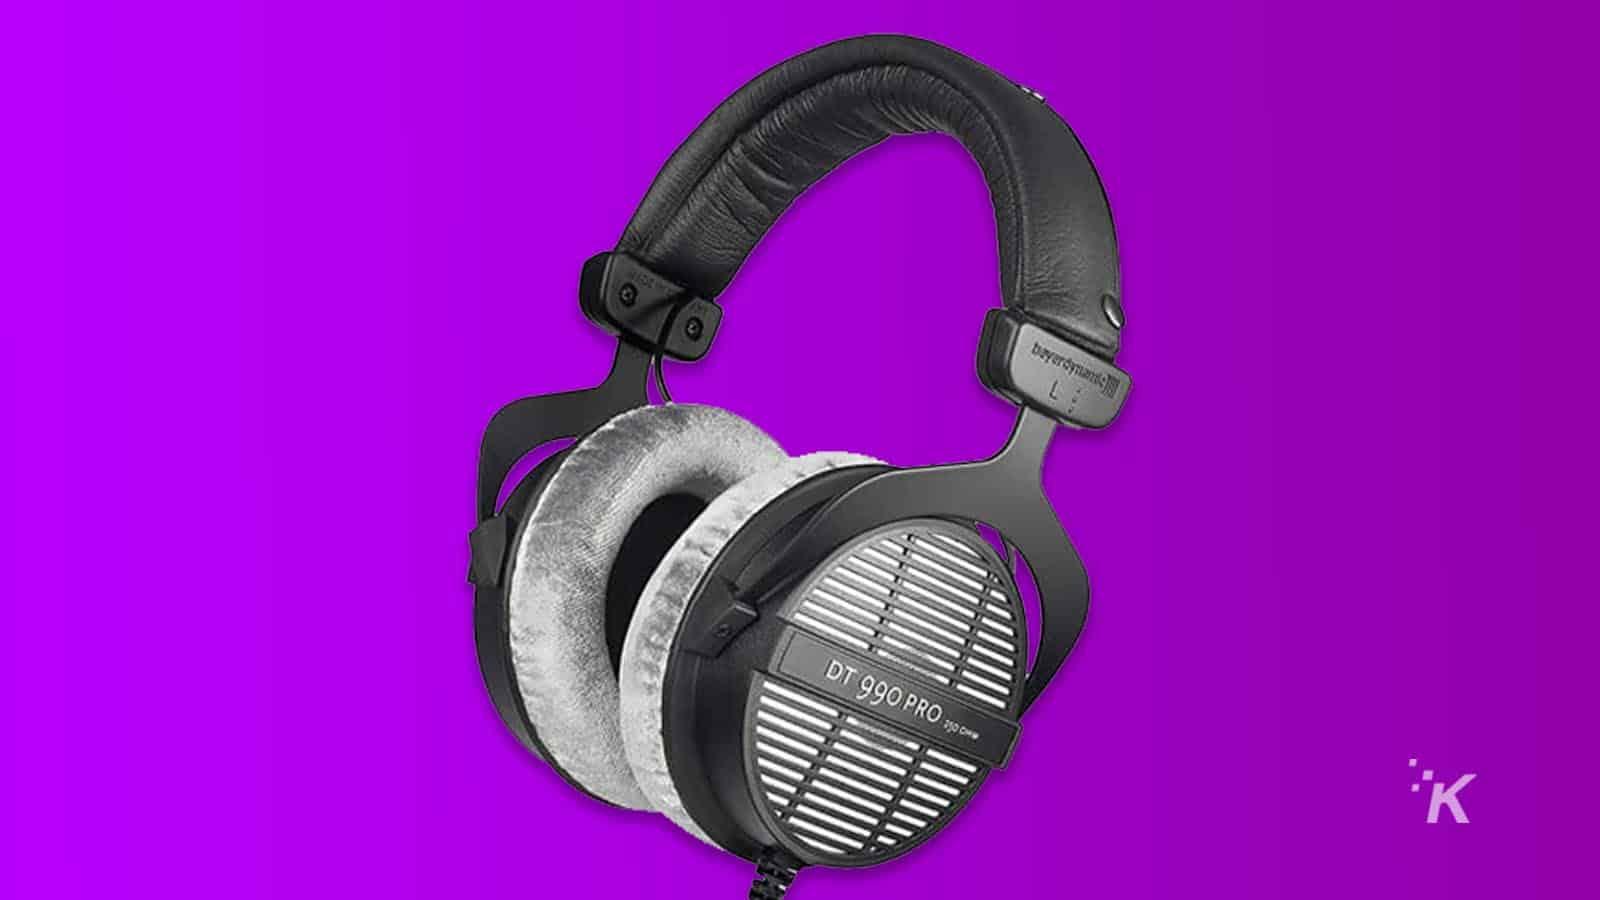 beyer gaming headset for fortnite